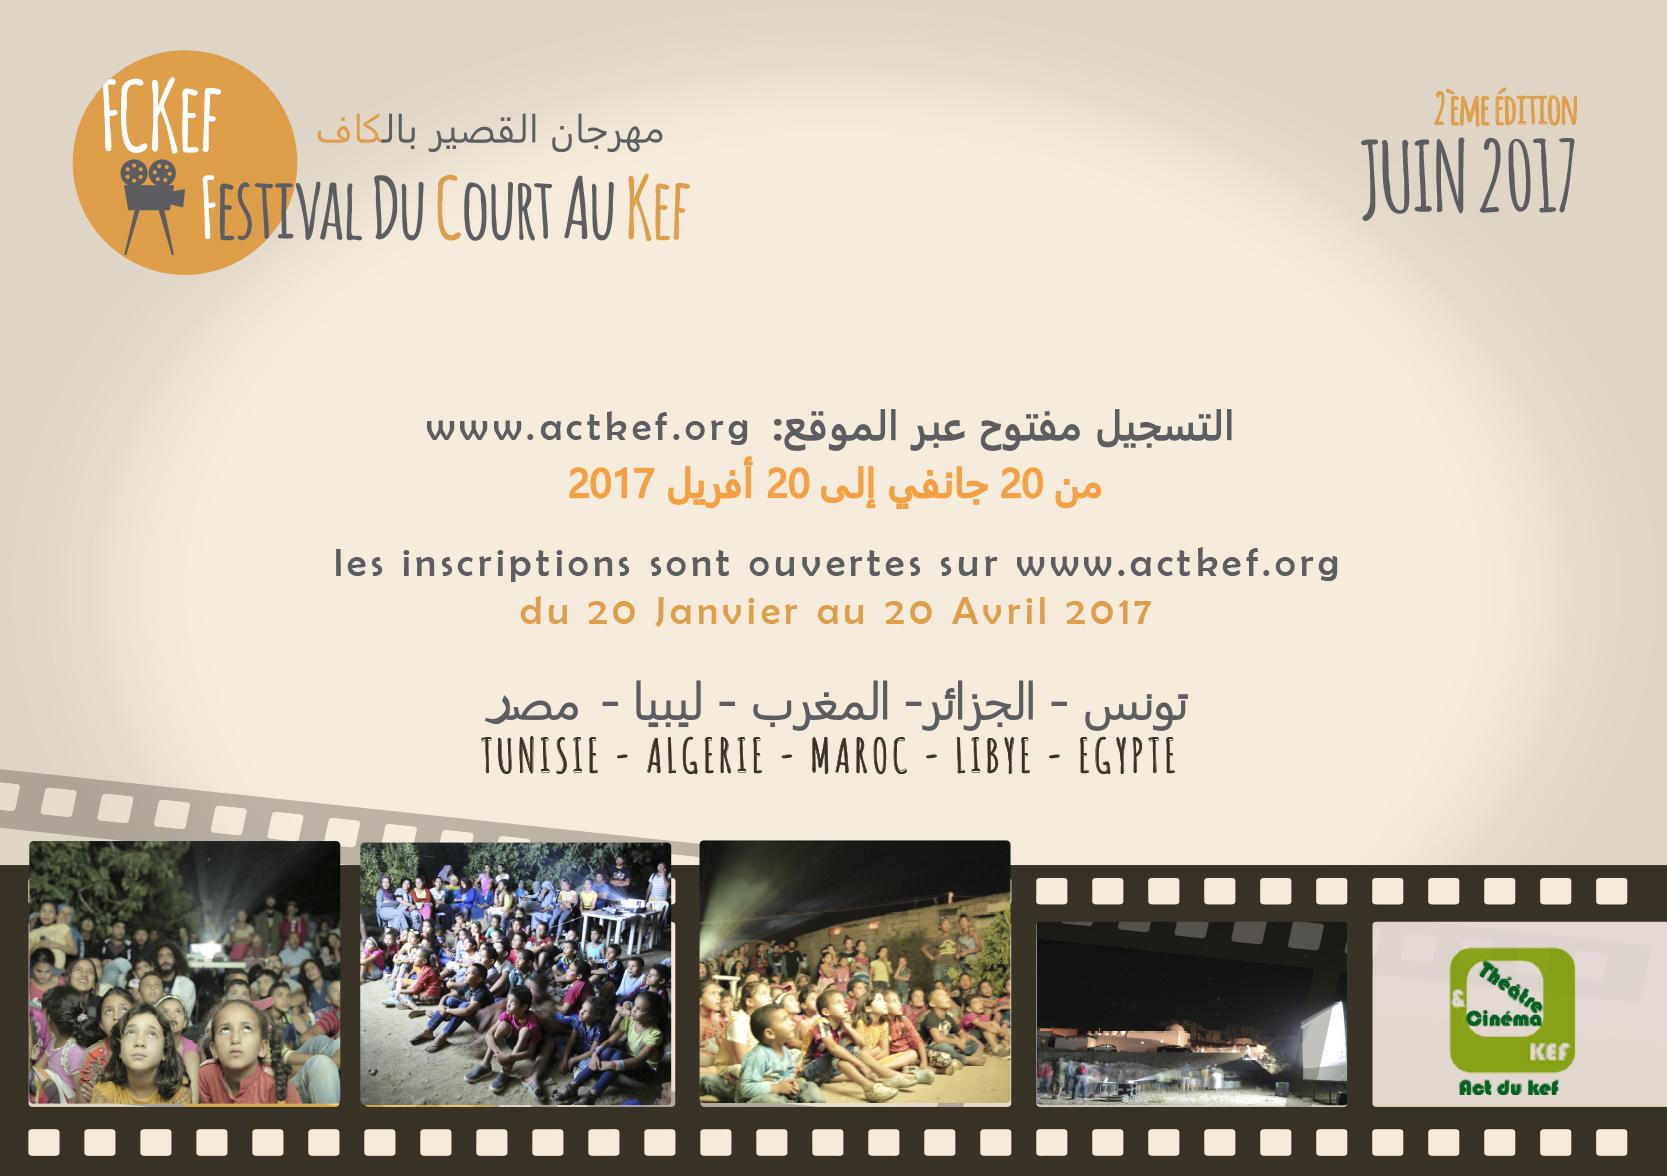 Le Festival du Court au Kef